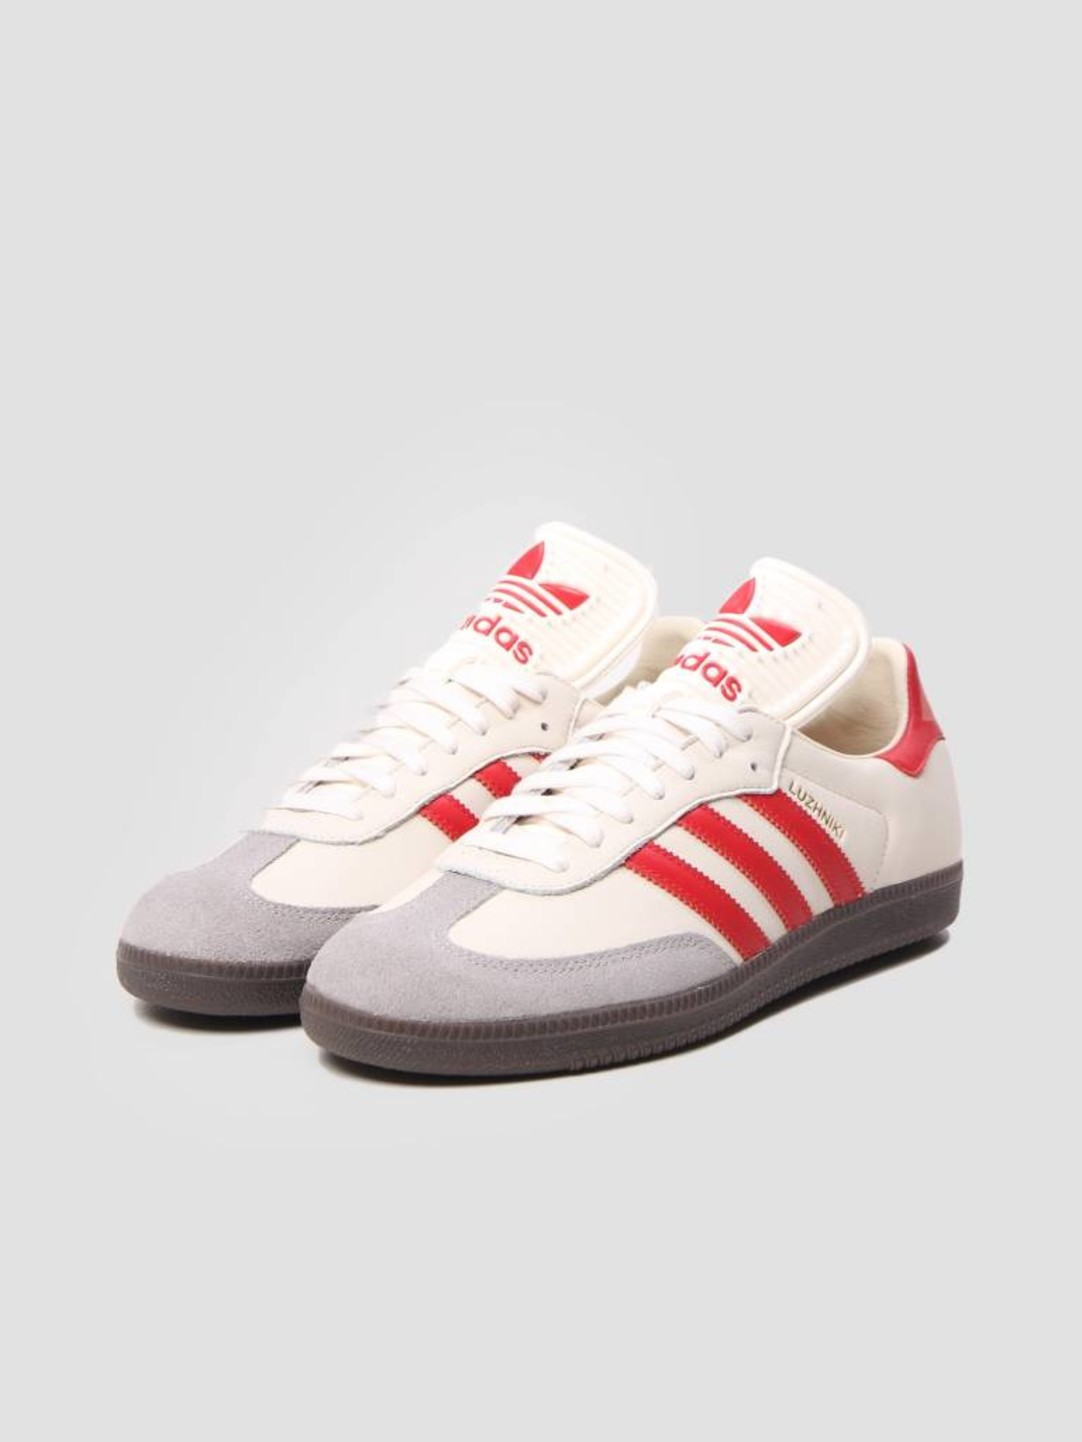 adidas adidas Samba Classic Og Core White Scarlet Cgrani CQ2216